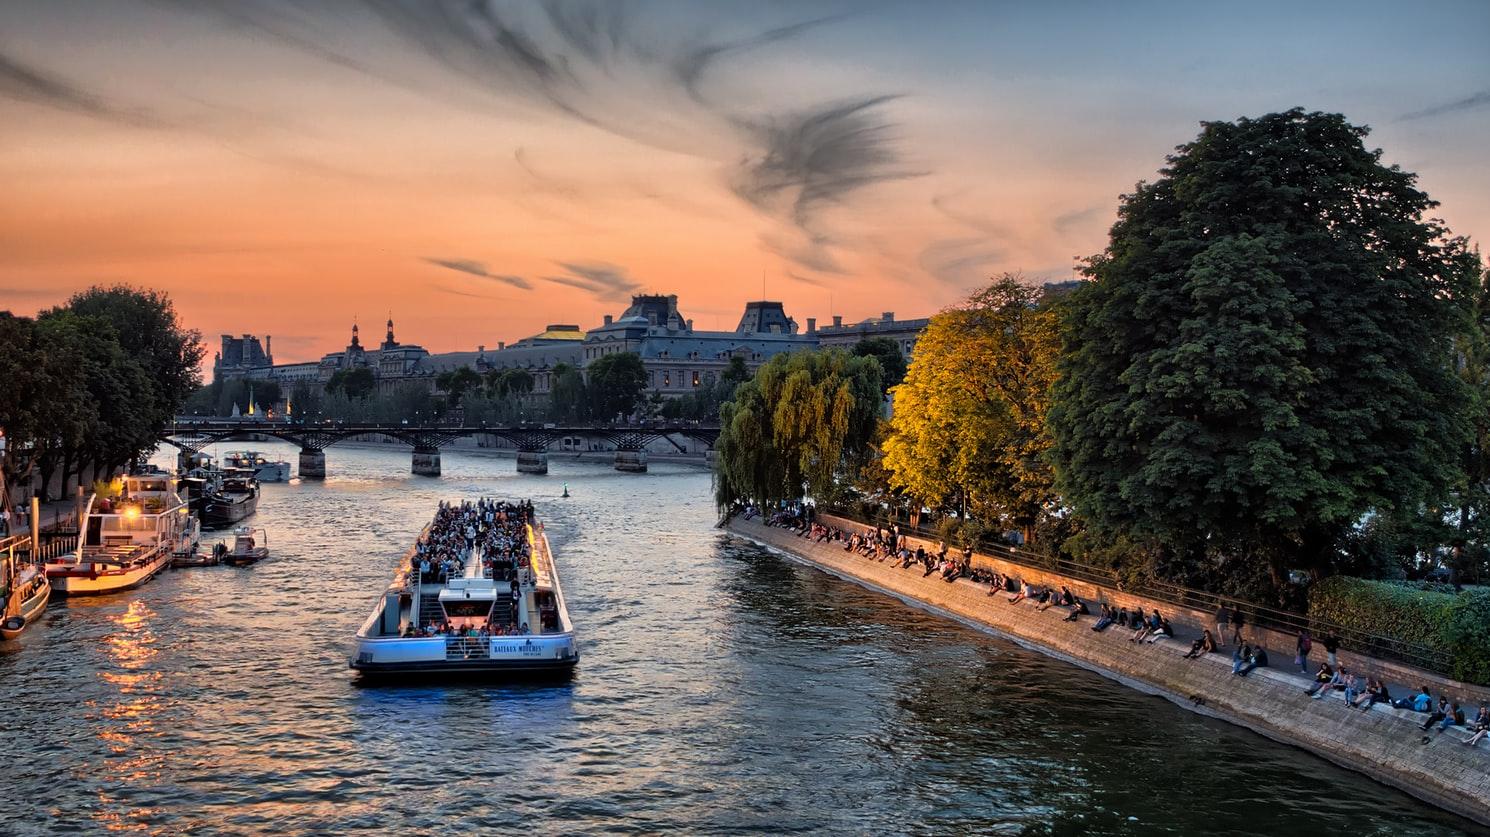 аренда лодки в париже